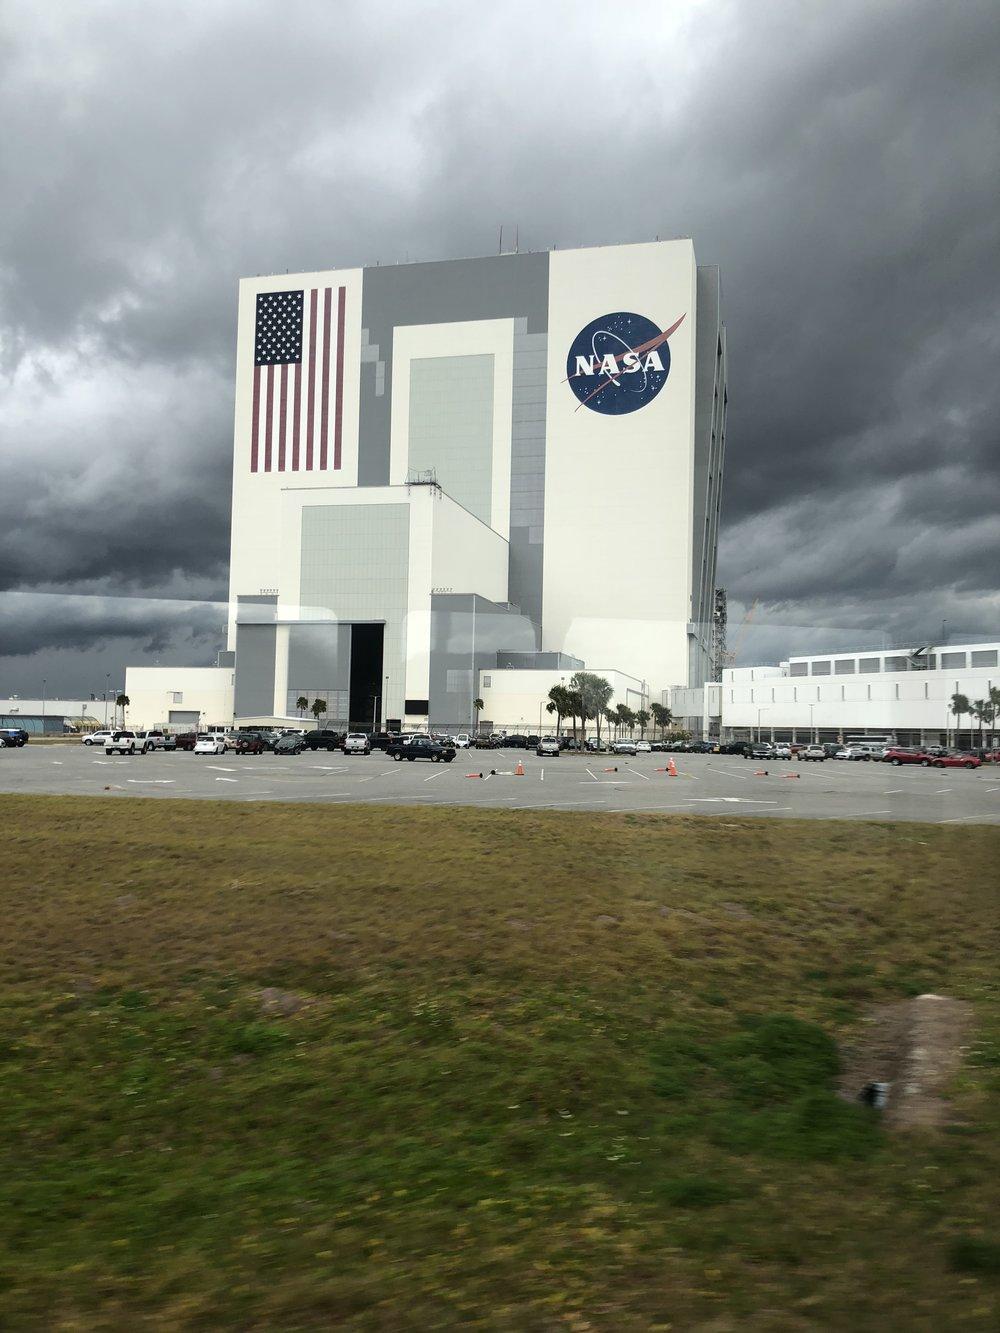 NASA:n rakennus toisesta kulmasta. USA:n lipun sininen alue on yhden Rugby-kentän suuruinen!